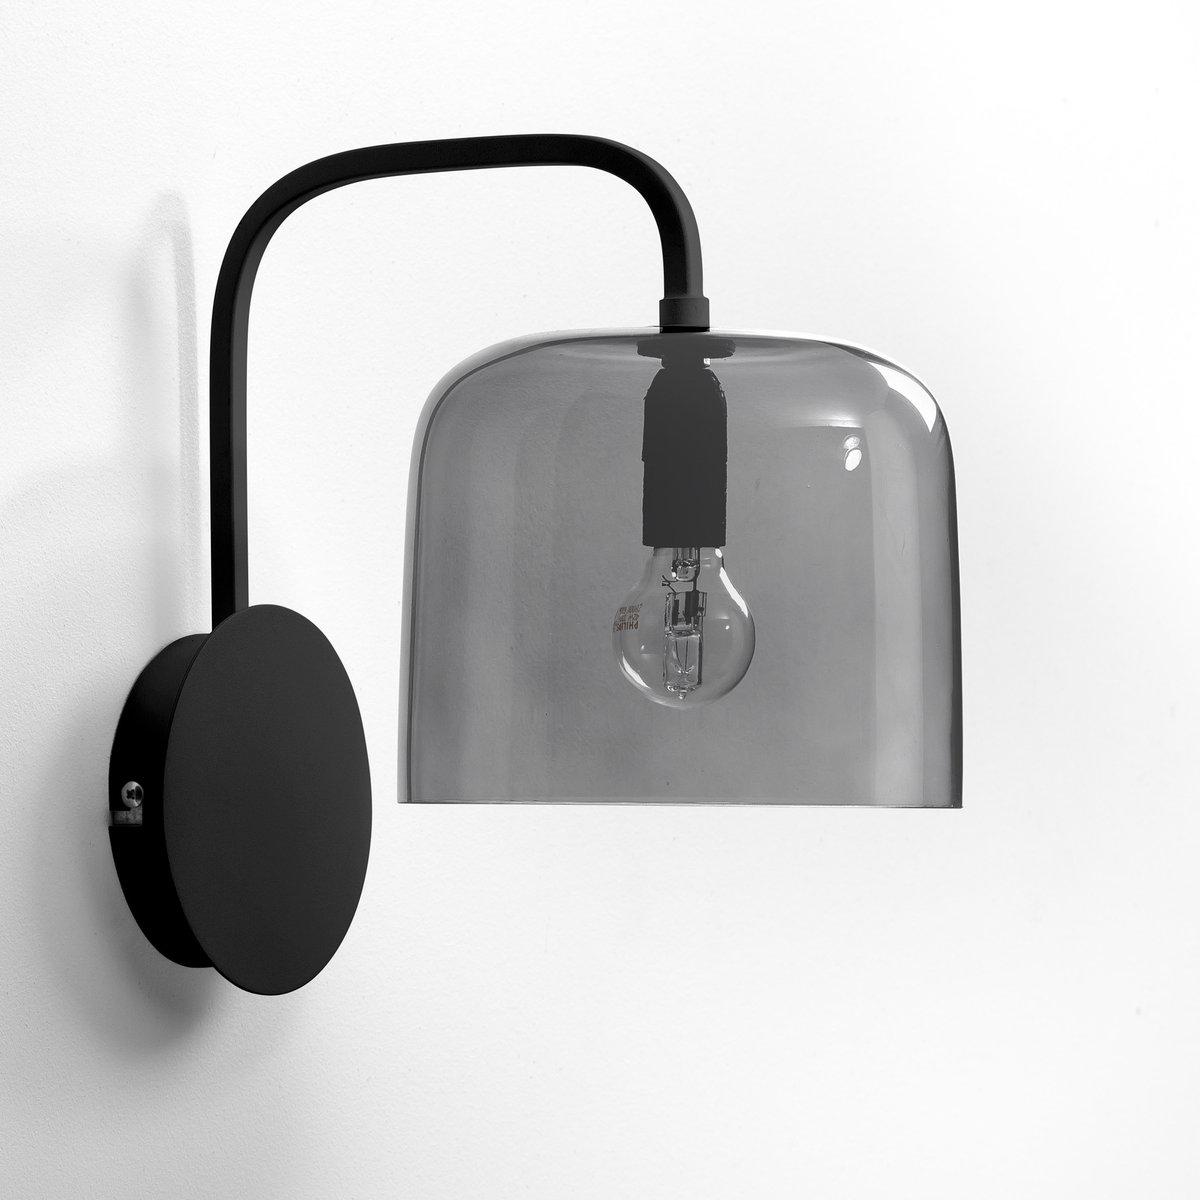 Бра Zella, дизайн Э. ГаллиныЭксклюзивная разработка Emmanuel Gallina для AM.PM    . Этот торшер излучает мягкий, естественный свет с оттенками  . - Подставка и стержень из черного металла . - Абажур из дымчатого стекла серого цвета, ? 18 см . - Патрон E14 для лампочки макс11W (не входит в комплект)  . - Размеры :  В. 28 см x Г. 20 x Д. 18 см.- Этот светильник совместим с лампочками    энергетического класса   A .<br><br>Цвет: дымчато-серый